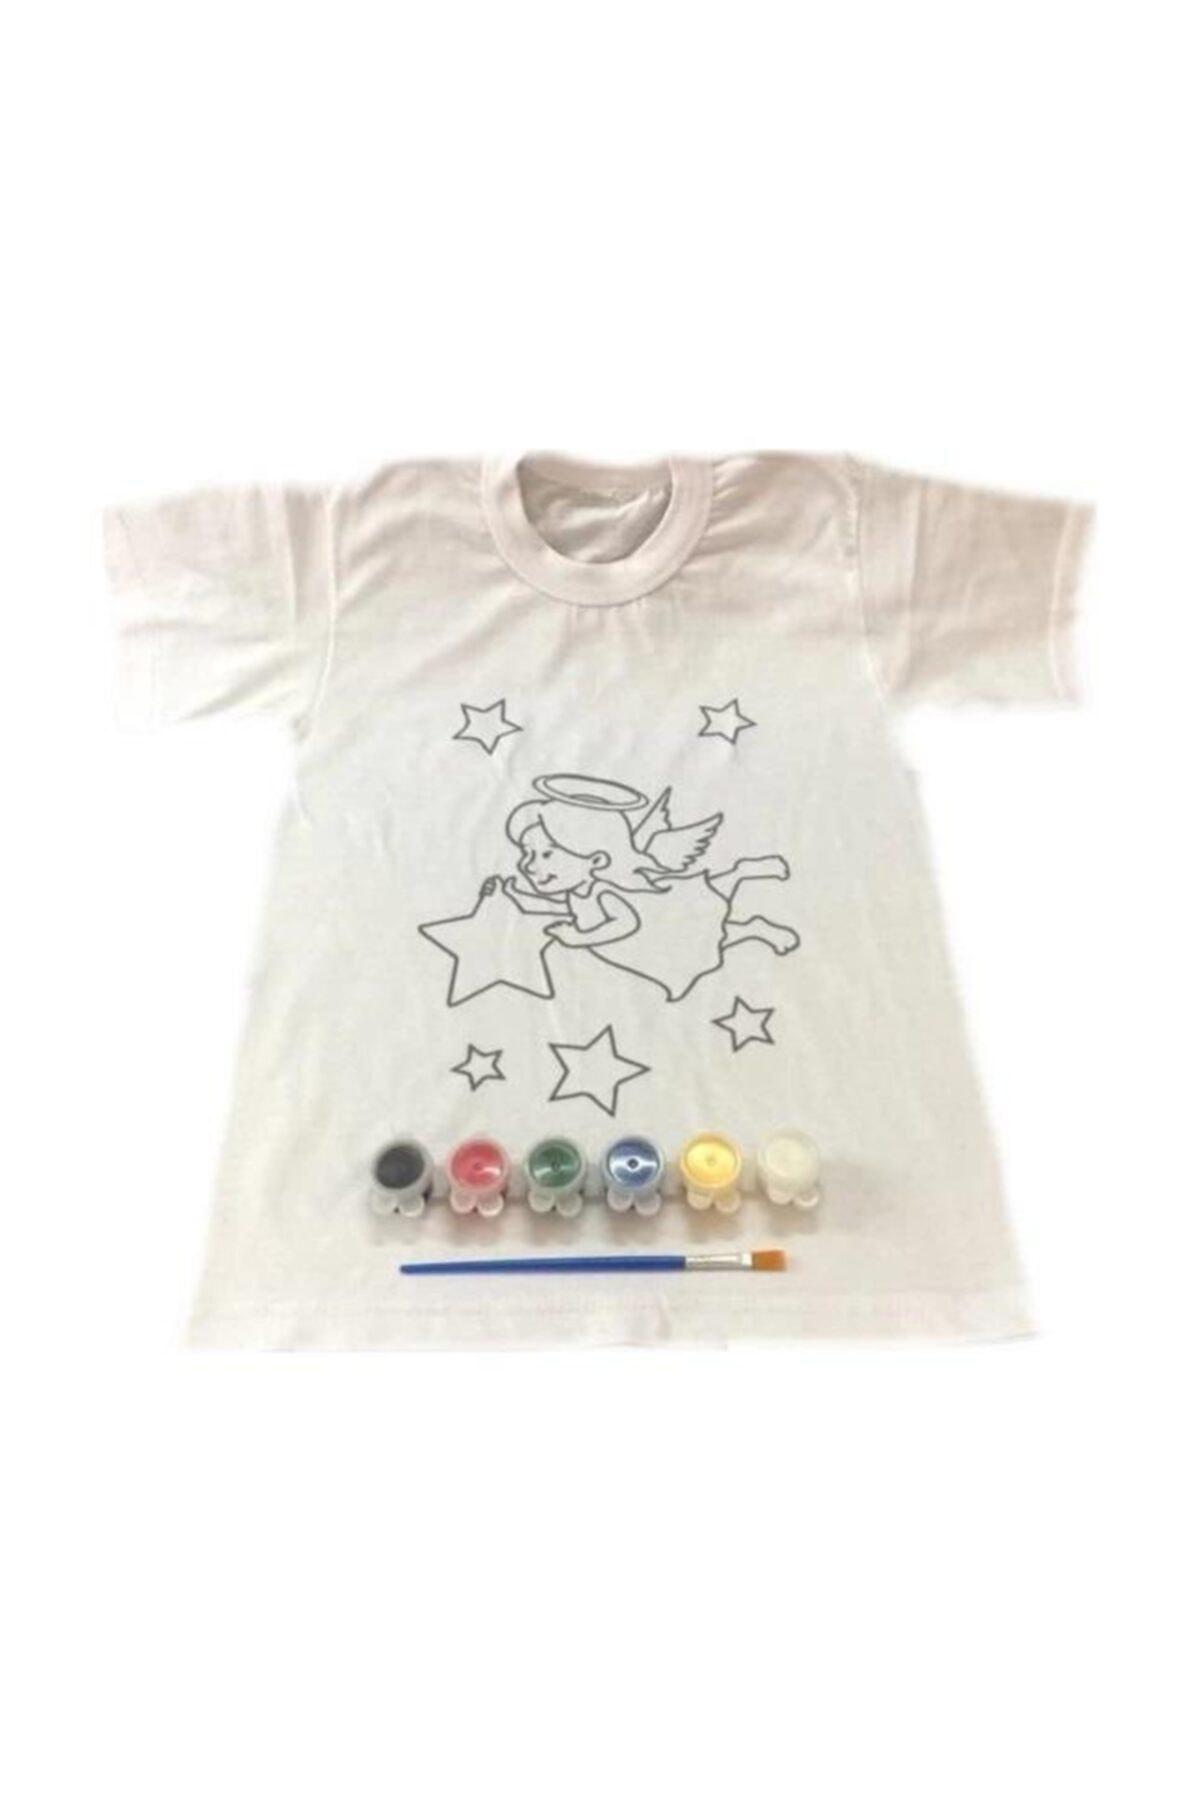 Joy and Toys 10-11 Yaş Tişört Boyama Seti+kumaş Boyama+melek Kız Desenli 1